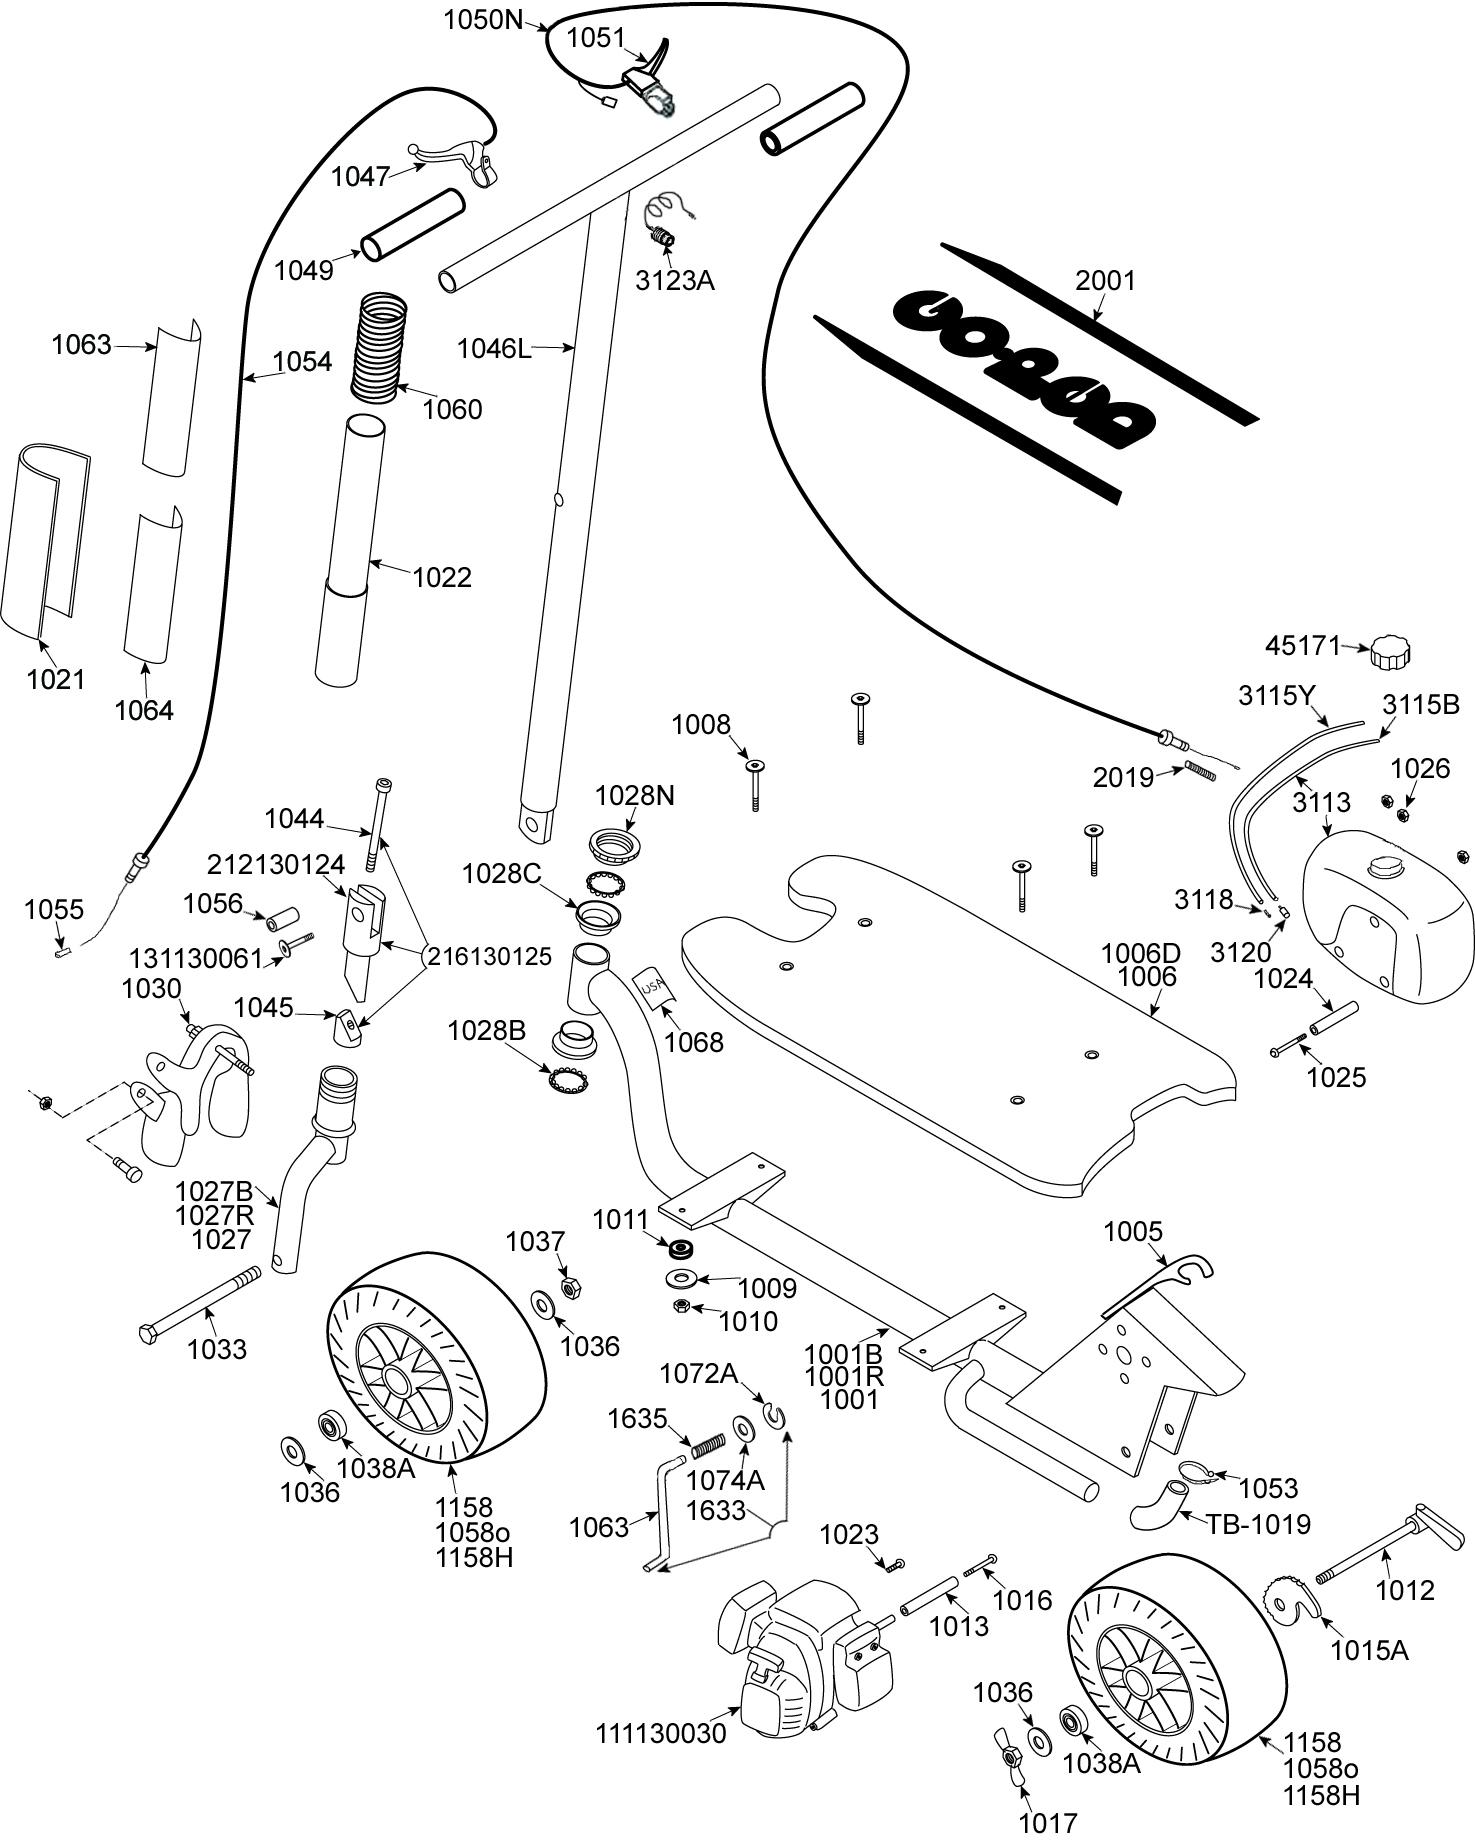 Harley Davidson Engine Parts Diagram Free Wiring For You On Motorcycle Goped Blogs Rh 15 4 5 Restaurant Freinsheimer Hof De Breakdown Schematics